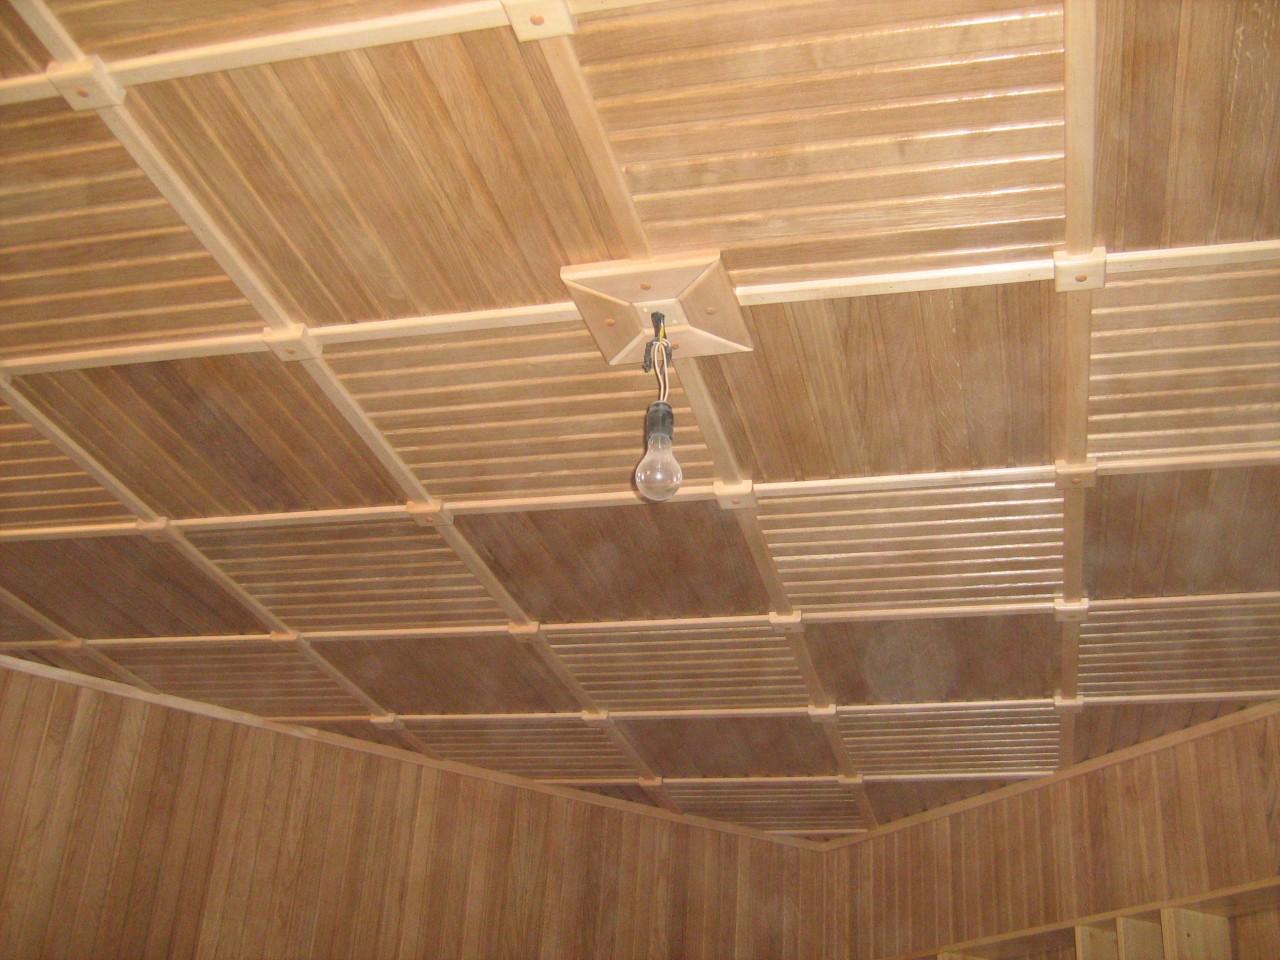 Отделка (обшивка) бани внутри вагонкой своими руками монтаж деревянной 57